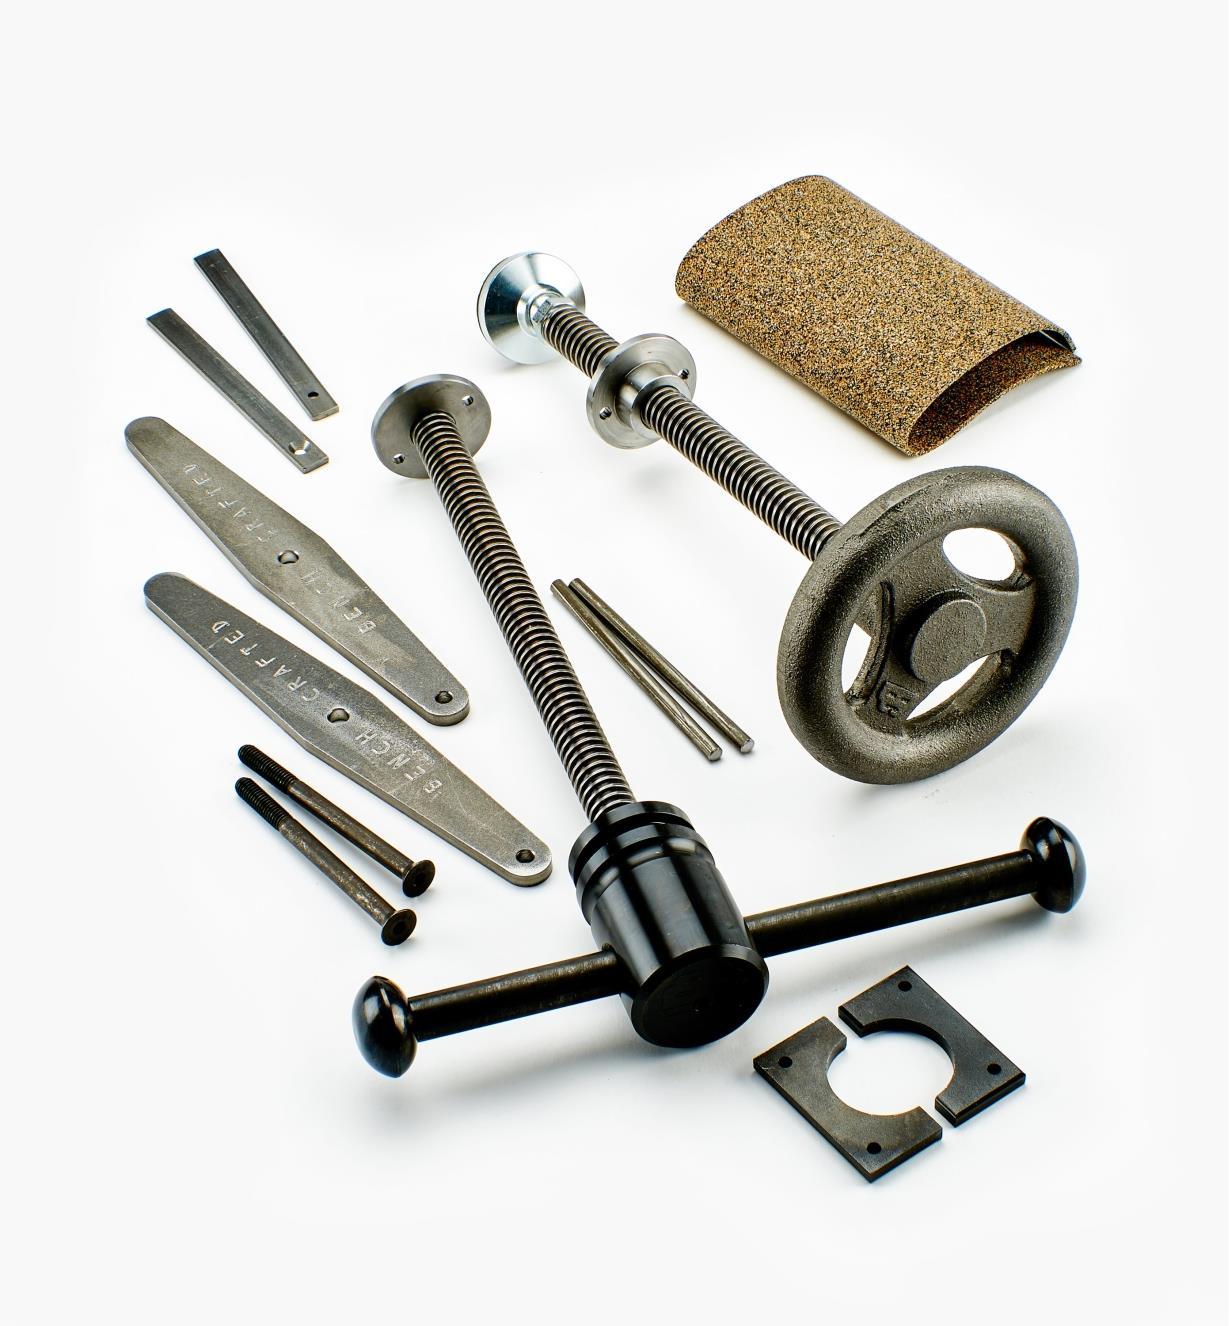 06G0147 - Composants pour presse d'établi et dispositif de fixation HiVise  Benchcrafted